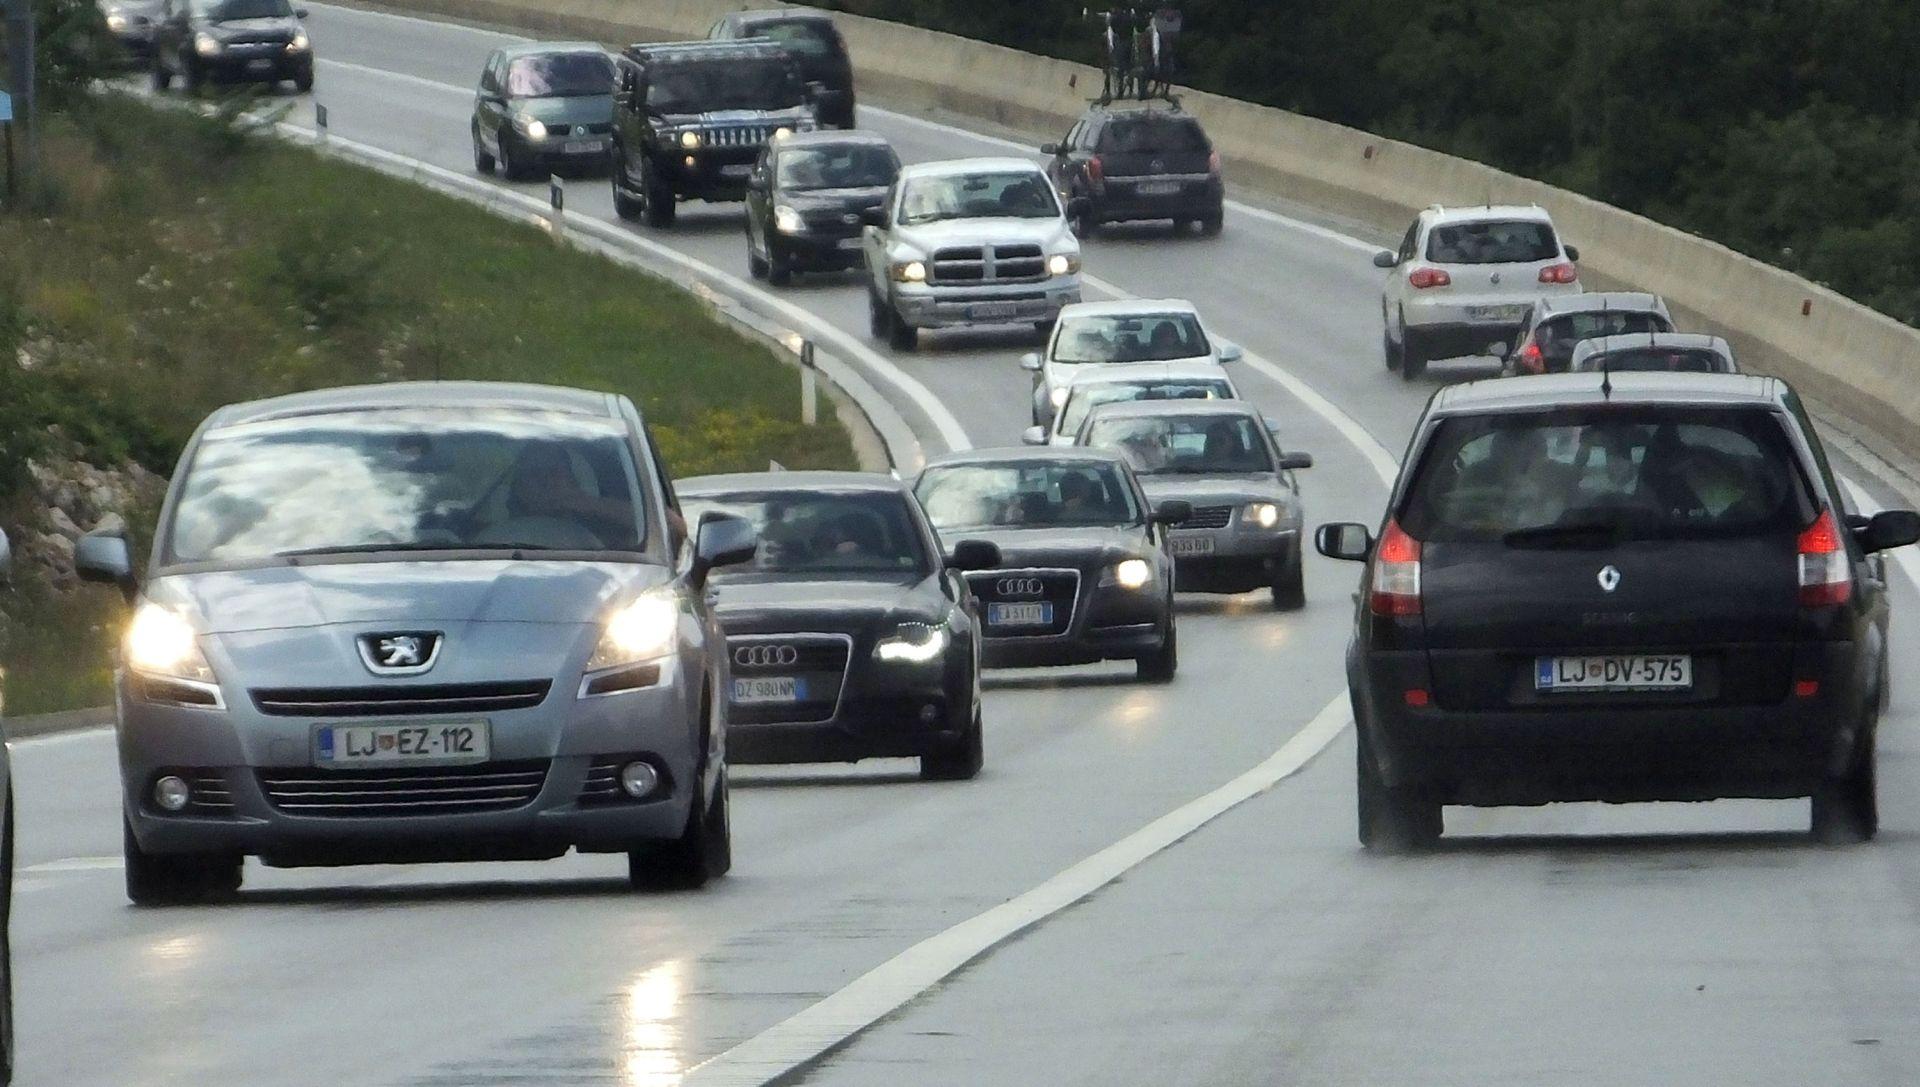 PRETRČAVALA KOLNIK BRZE CESTE Pješakinja poginula u naletu automobila